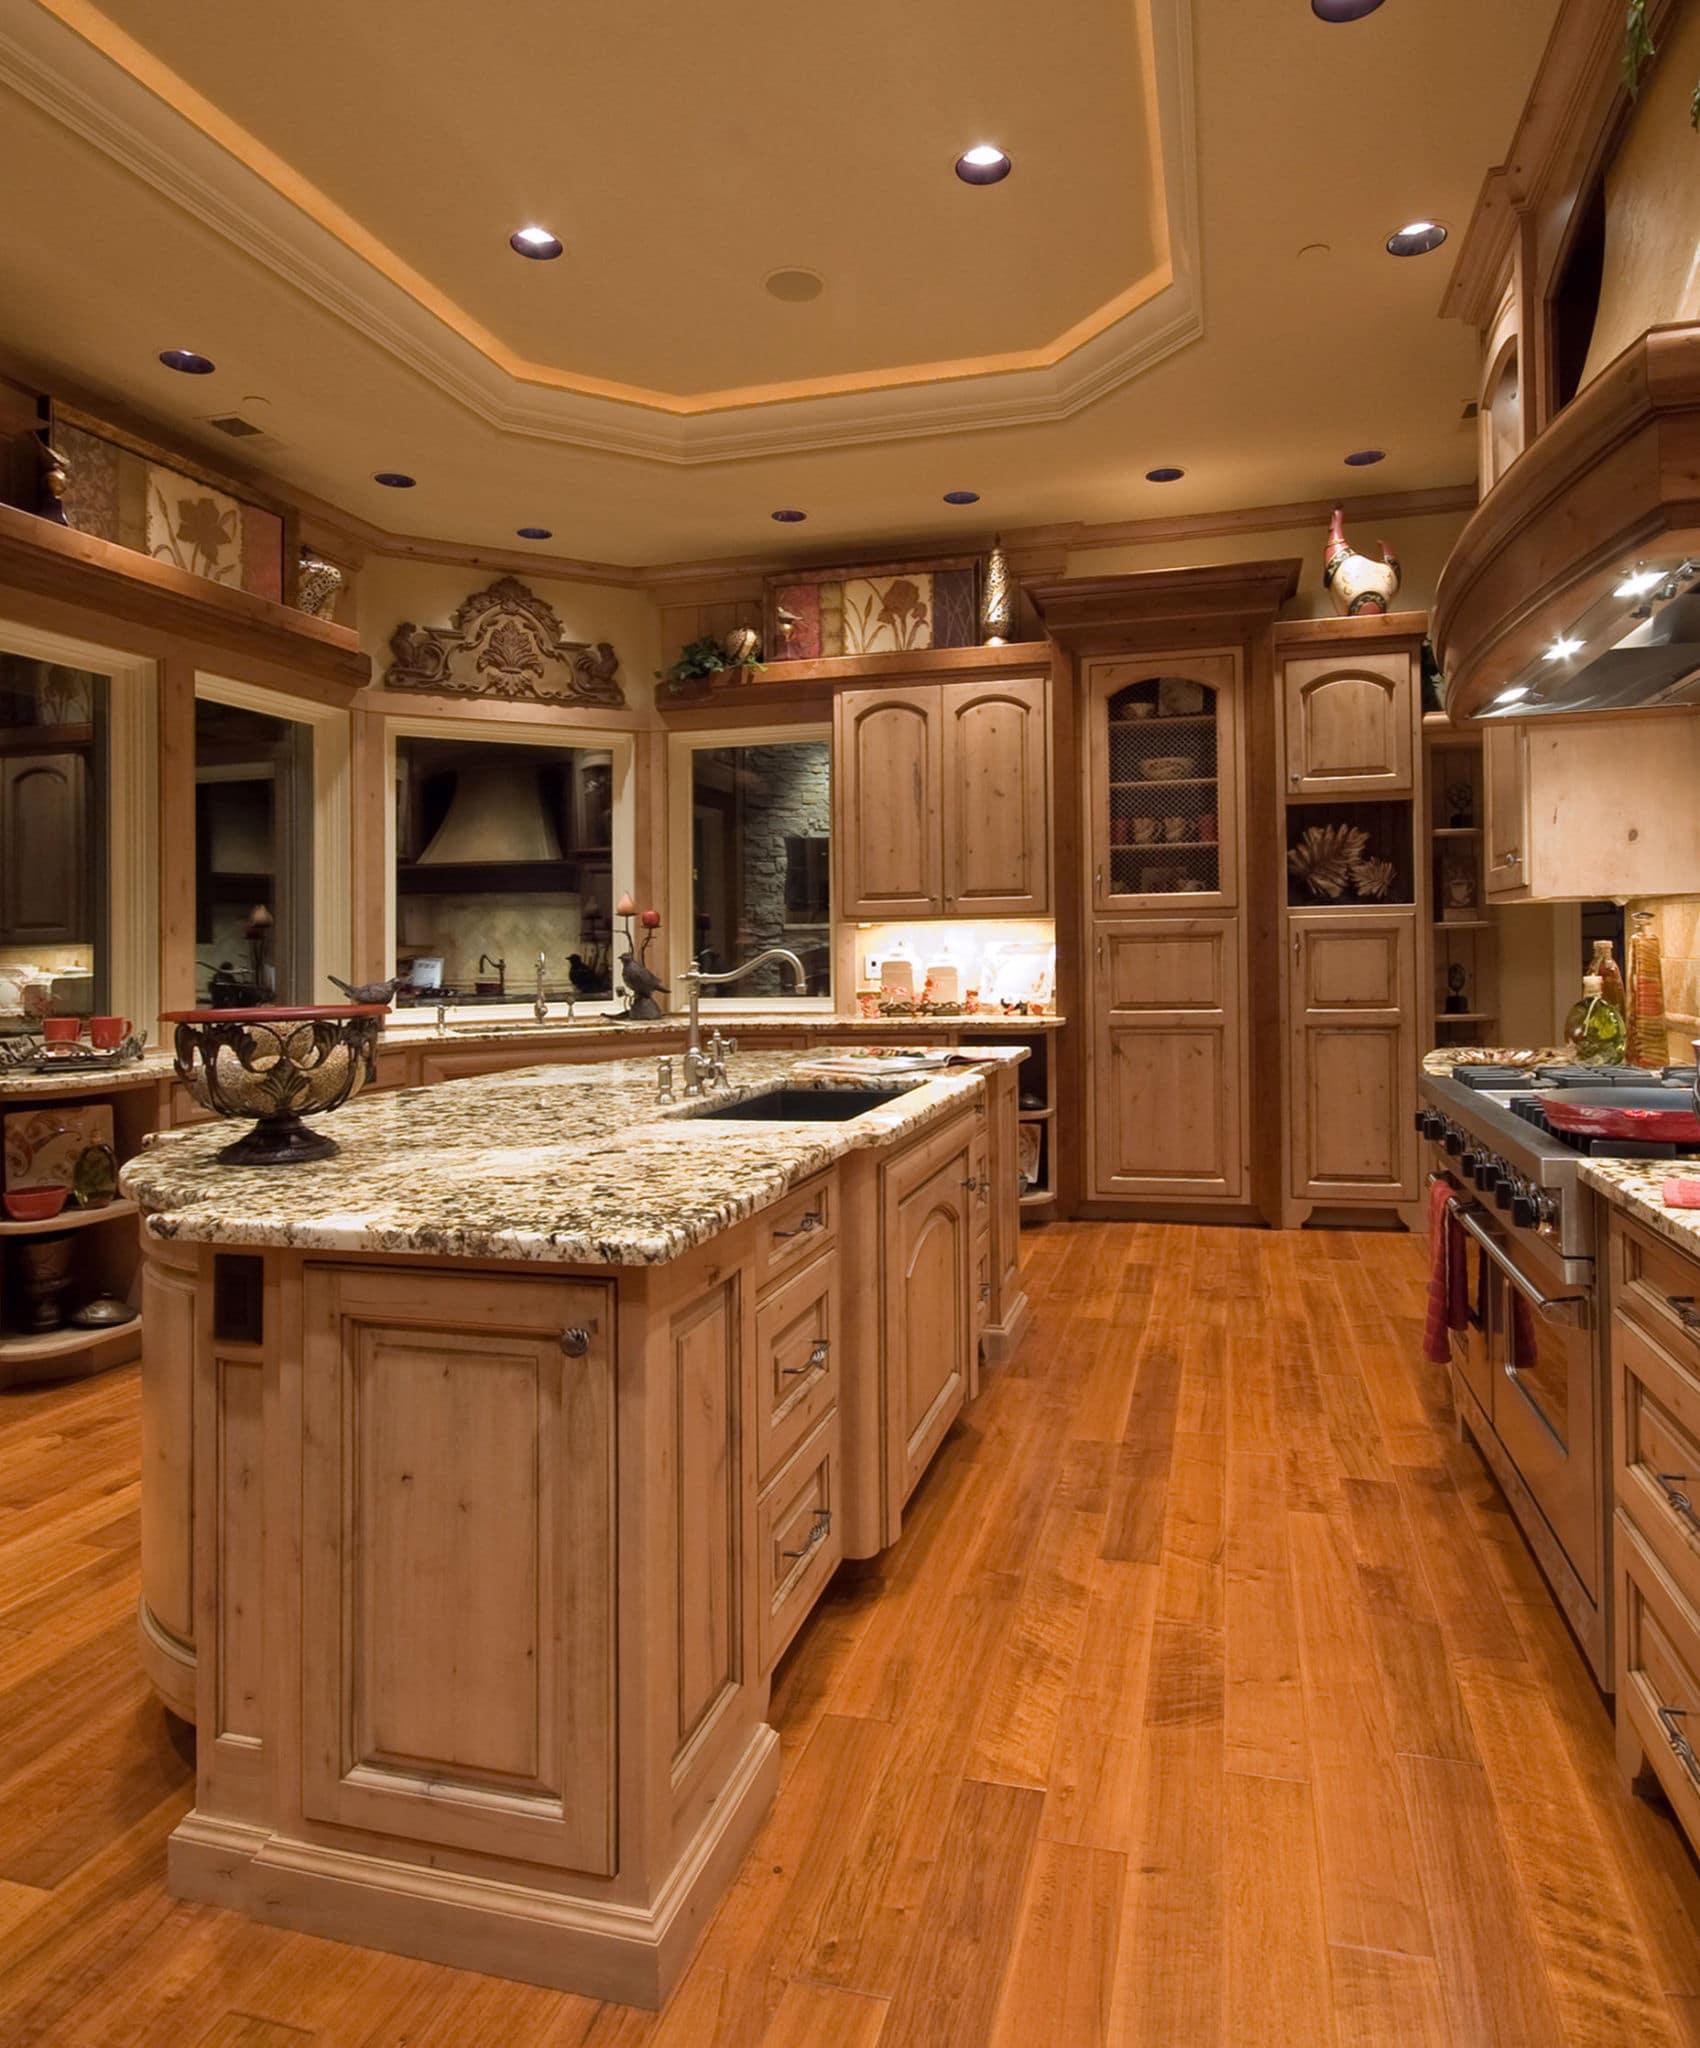 מטבחים איכותיים בסטייל מודרני - kitchenpt